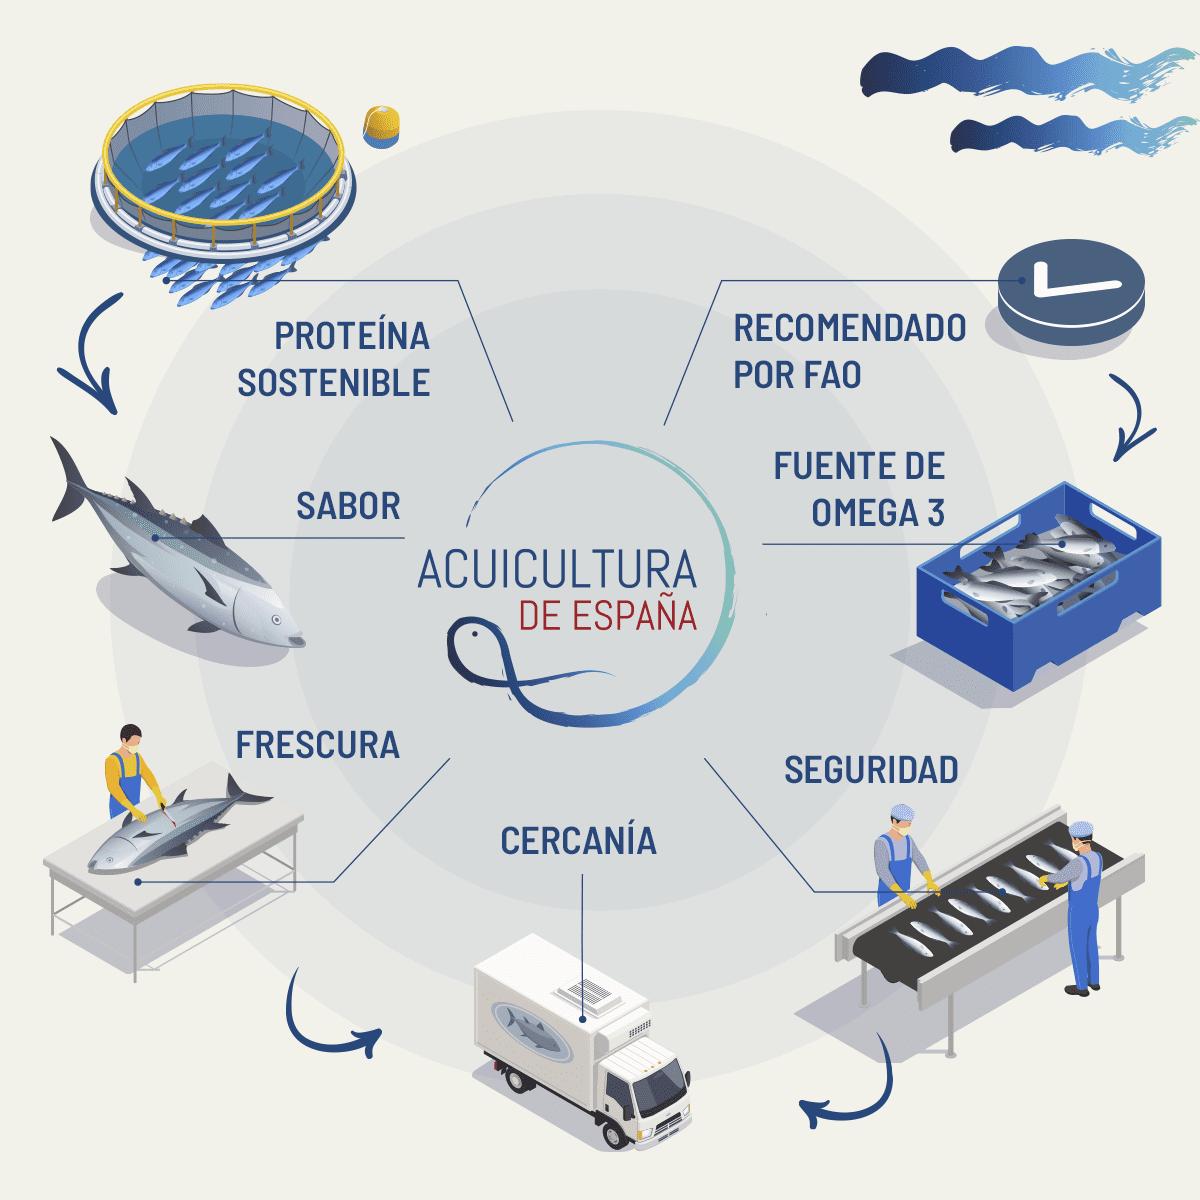 infografía acuicultura de españa